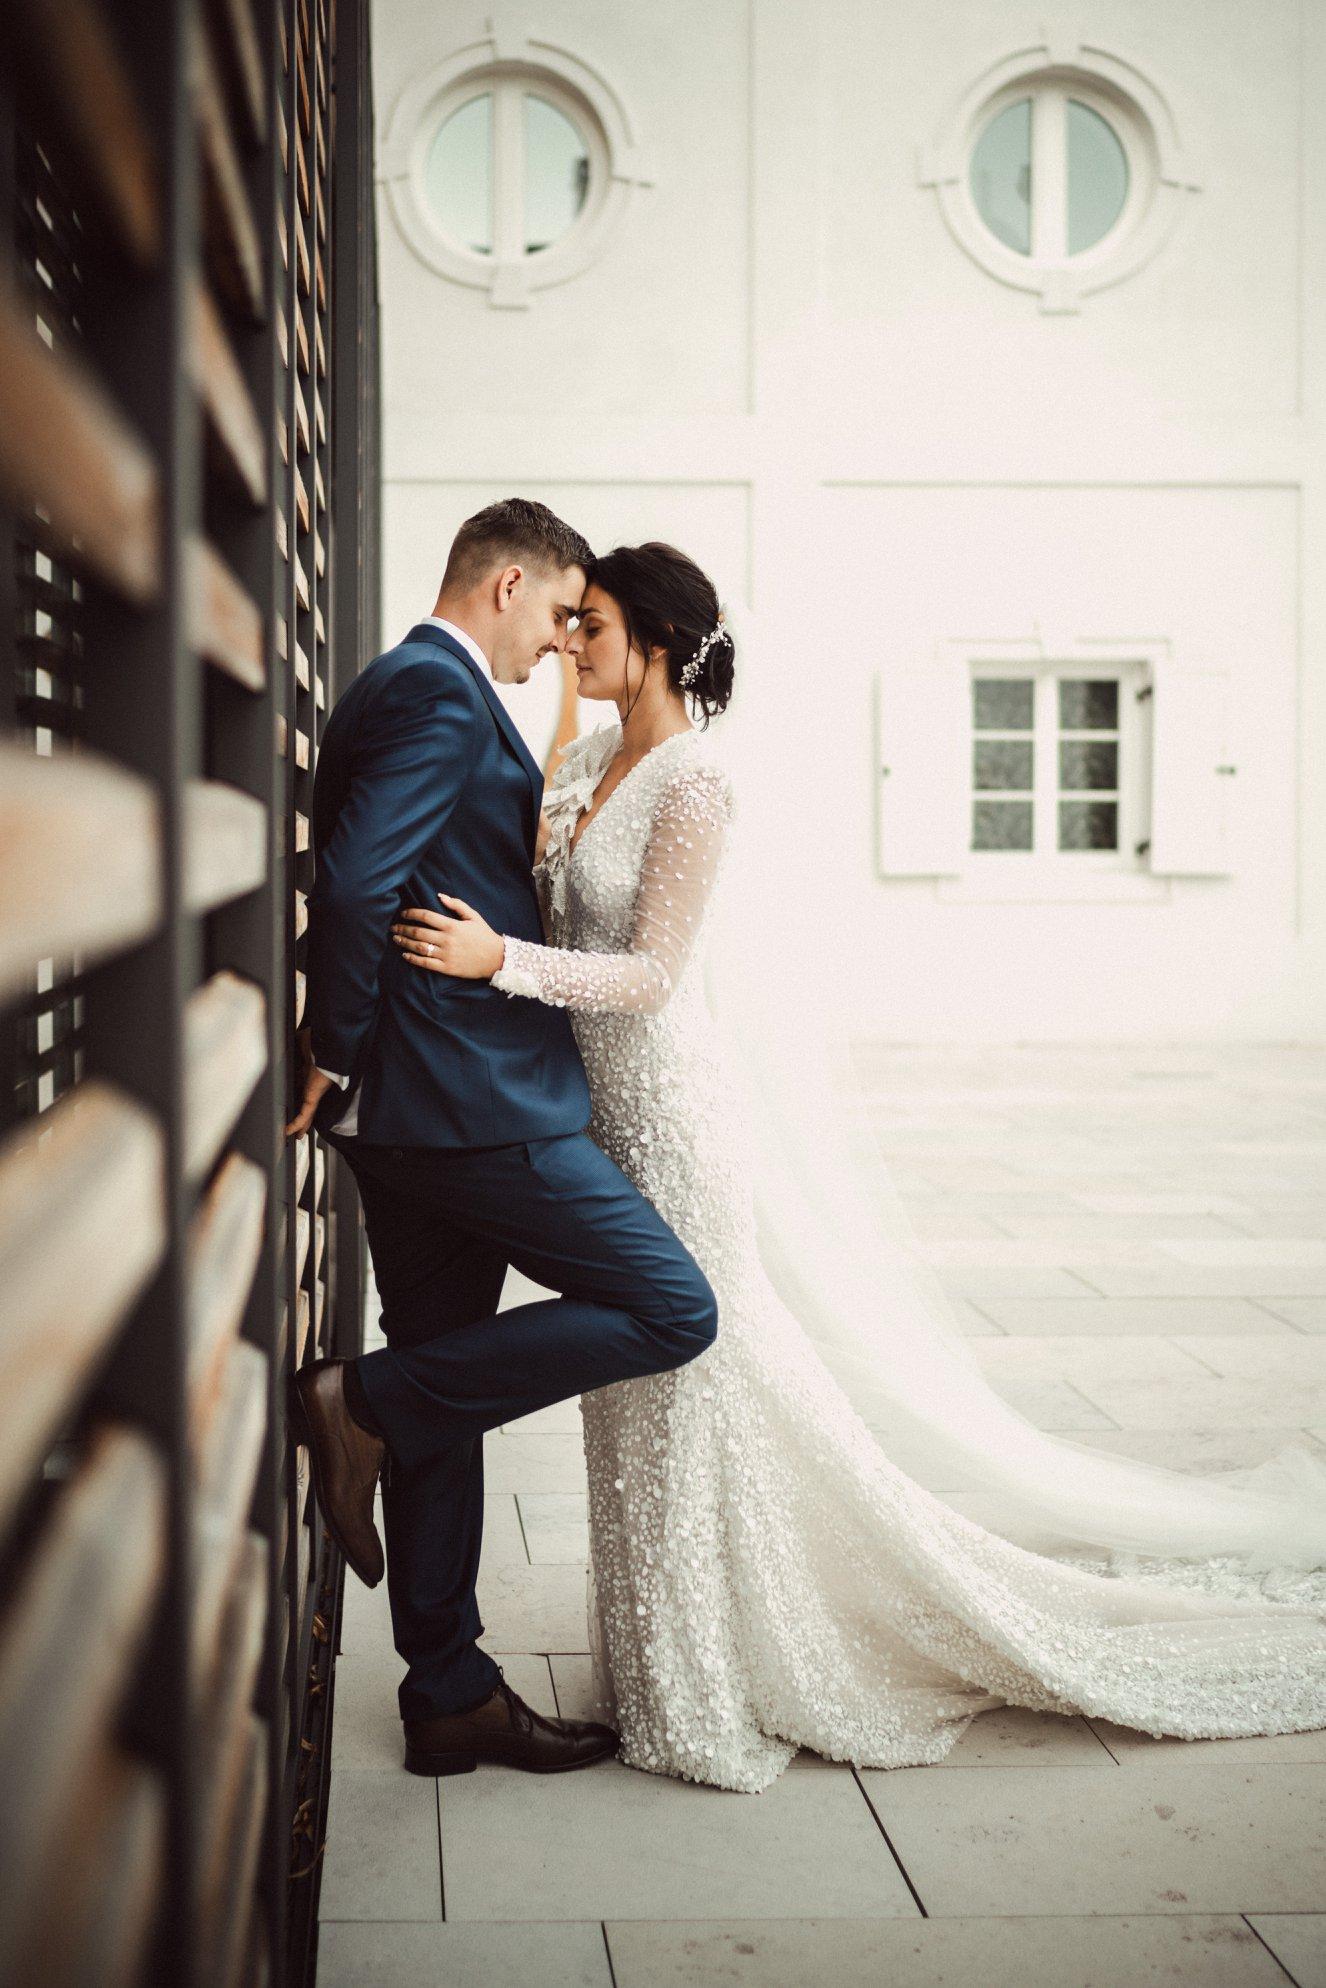 svadba-chateau-gbelanyjpg